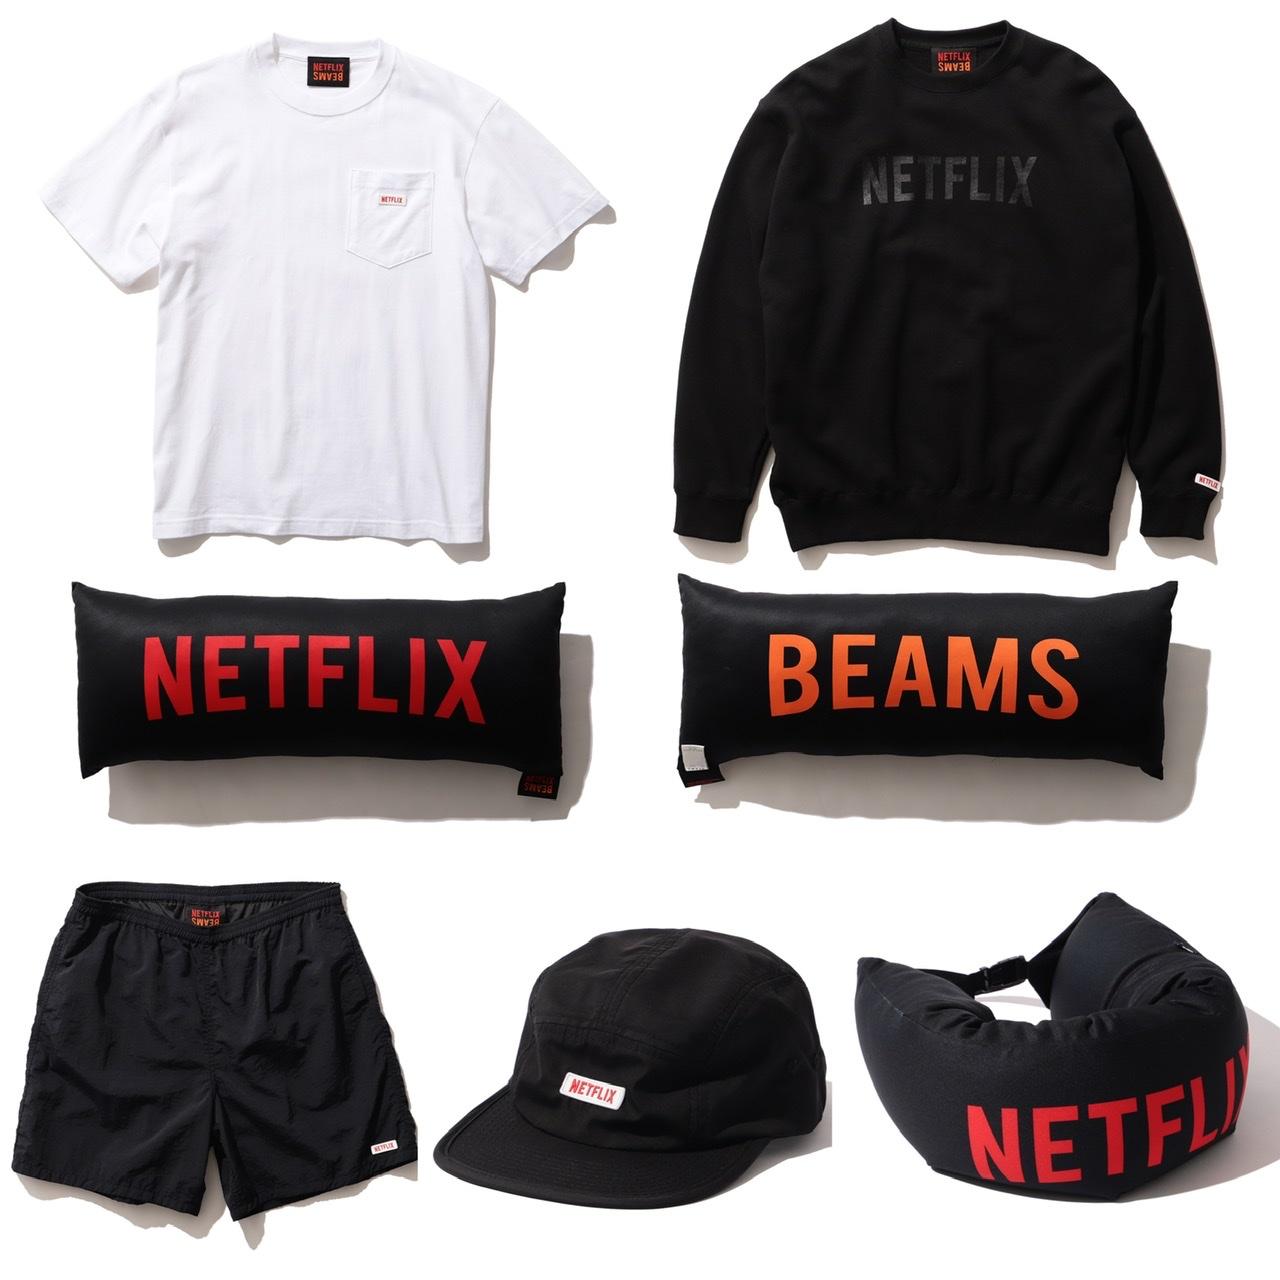 Netflix×ビームスコラボアイテム